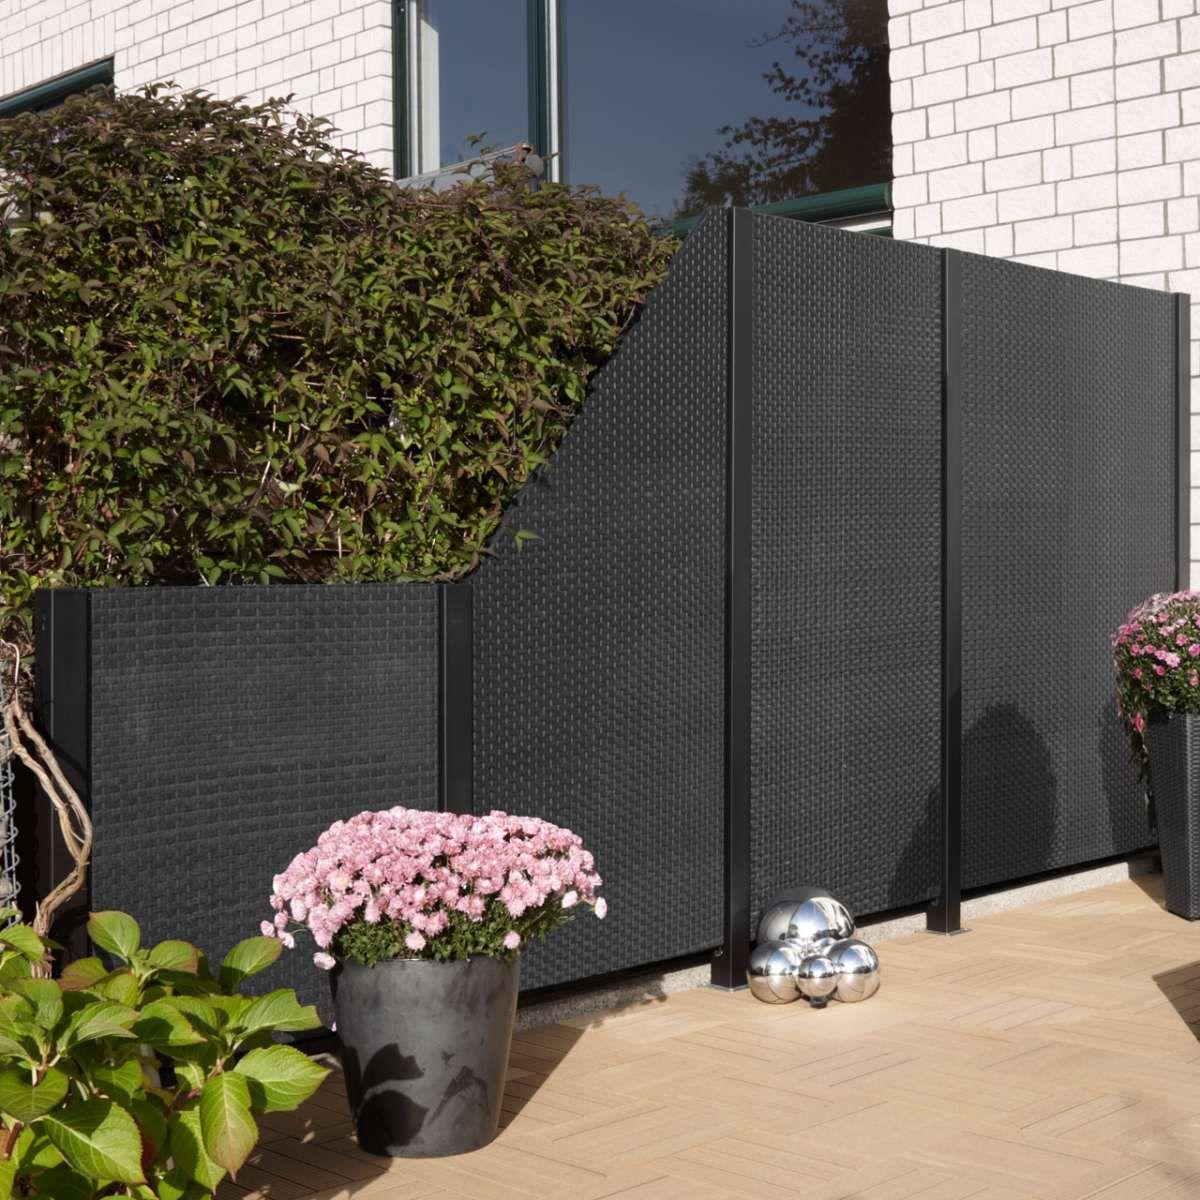 WPC DESIGZAUN ALU ANTHRAZIT 90 X 180cm Garten Pinterest